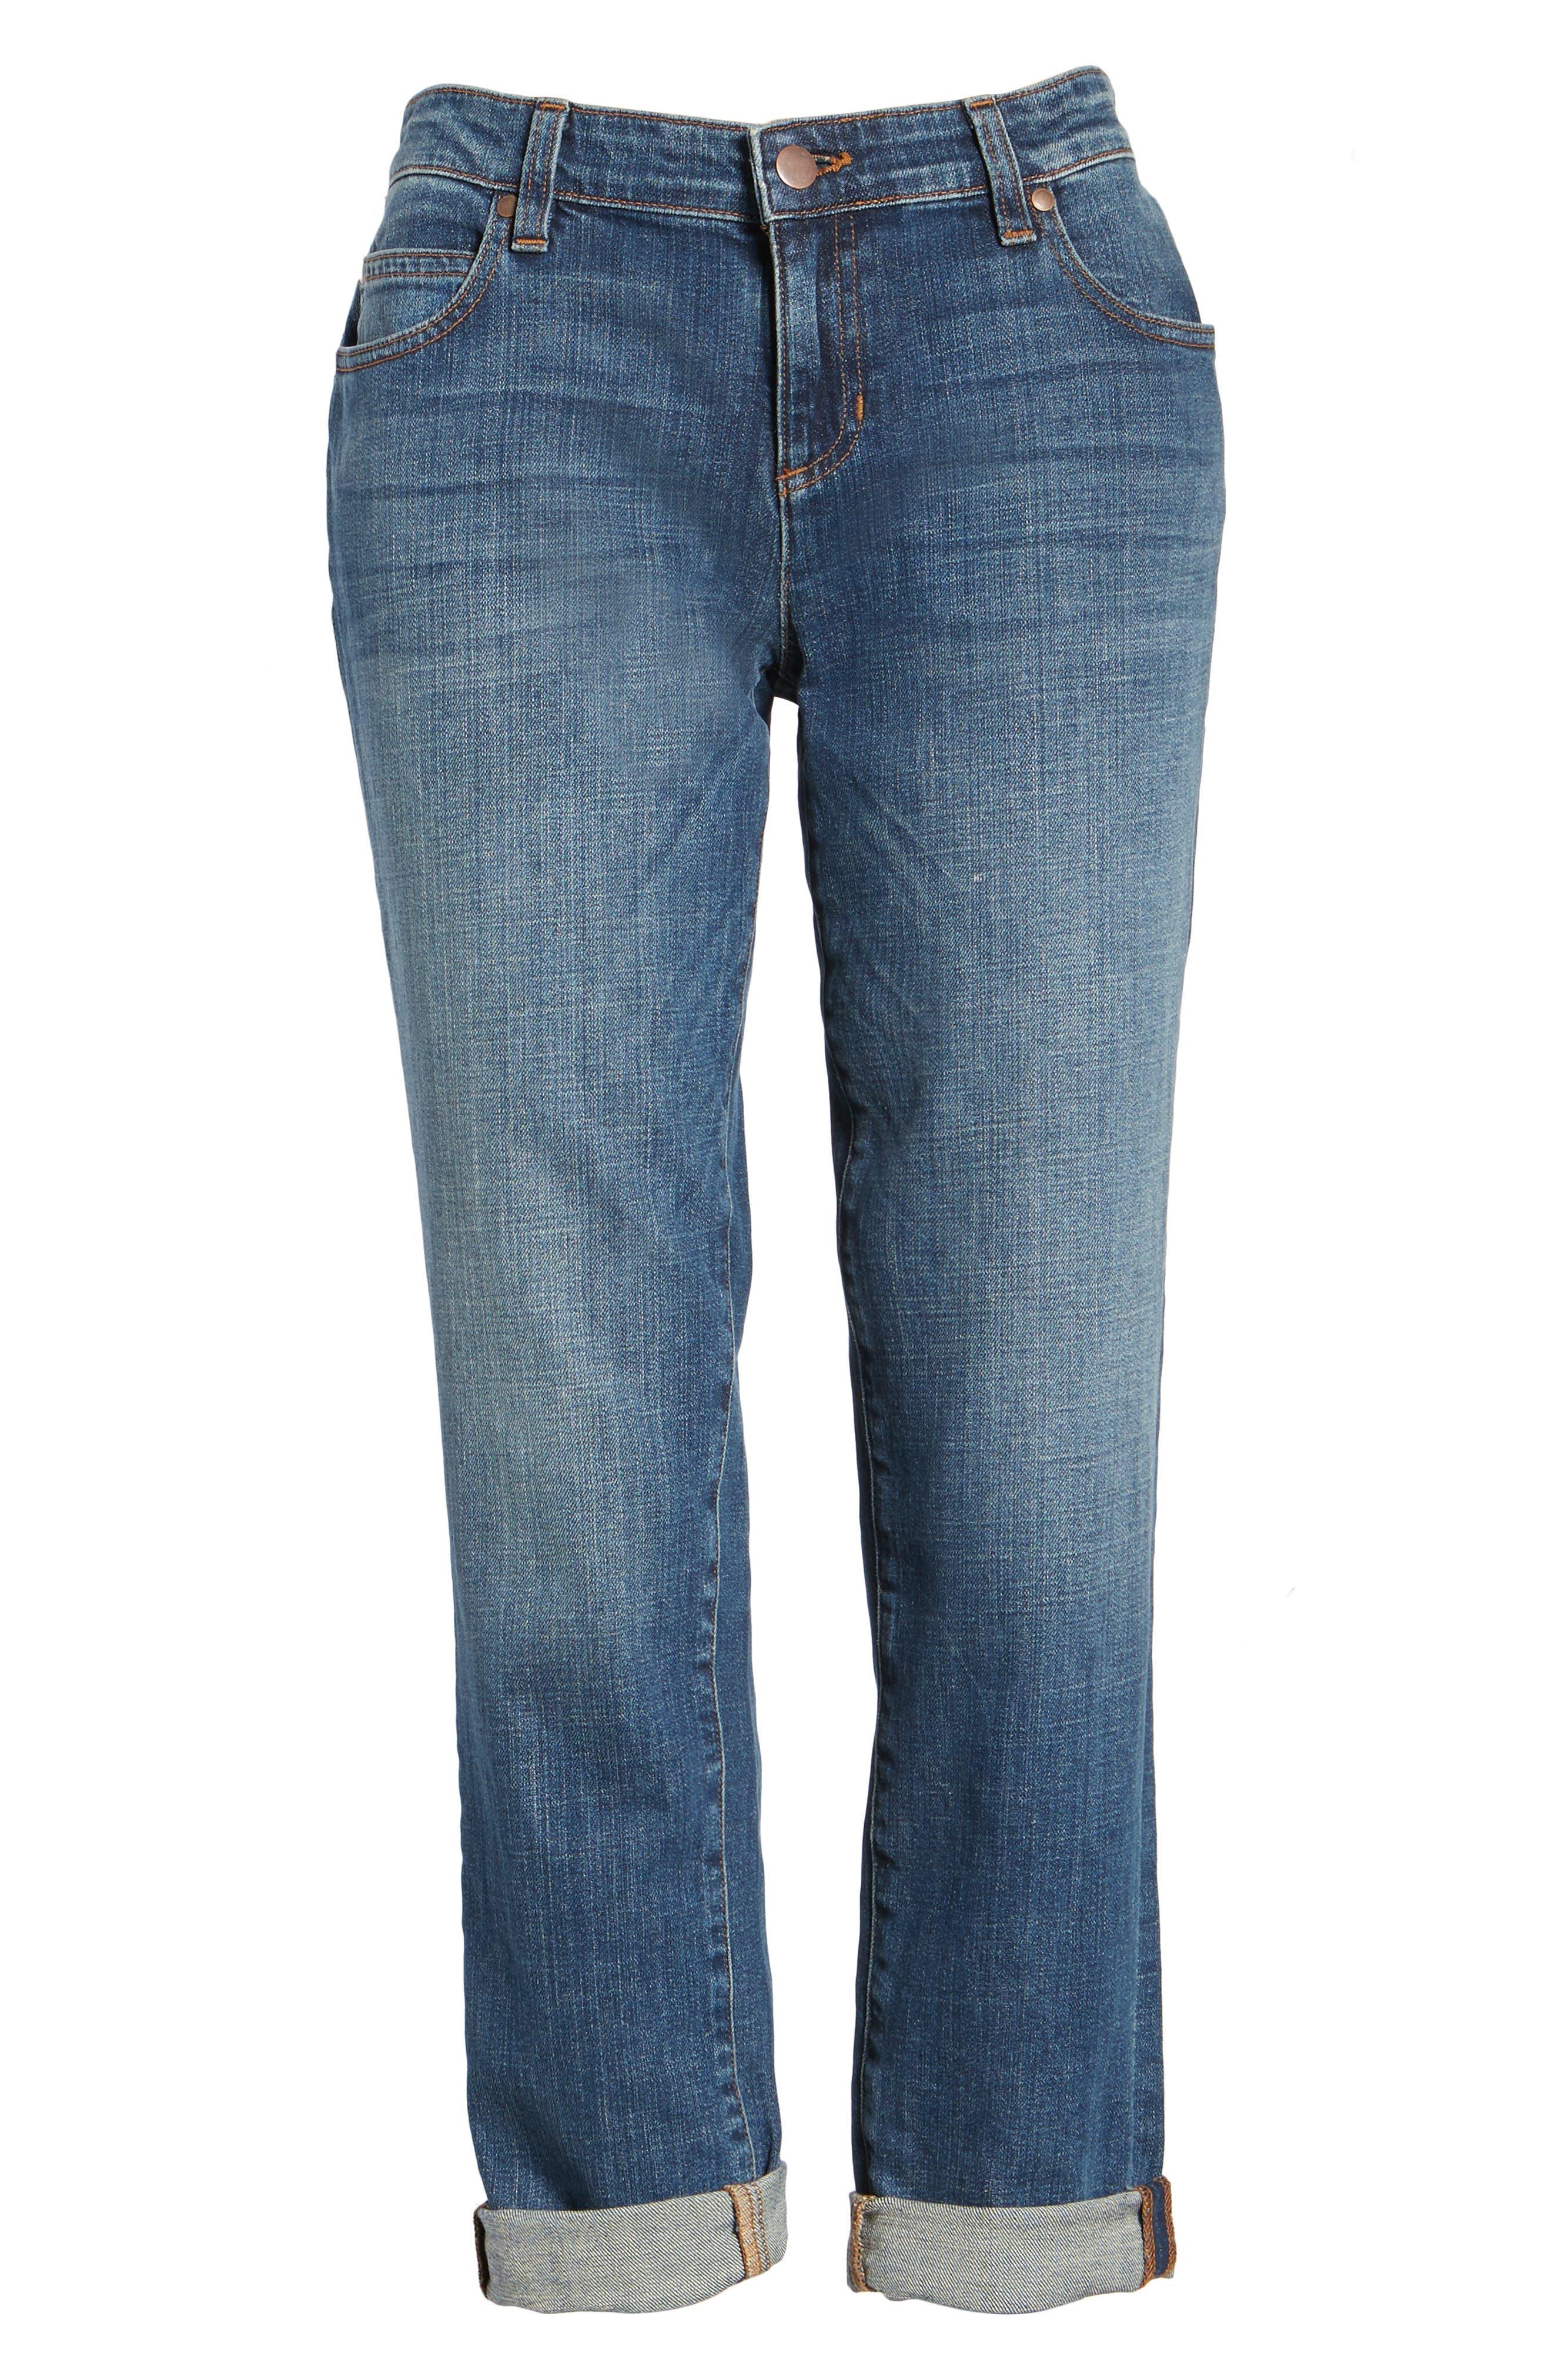 Organic Cotton Boyfriend Jeans,                             Alternate thumbnail 7, color,                             400